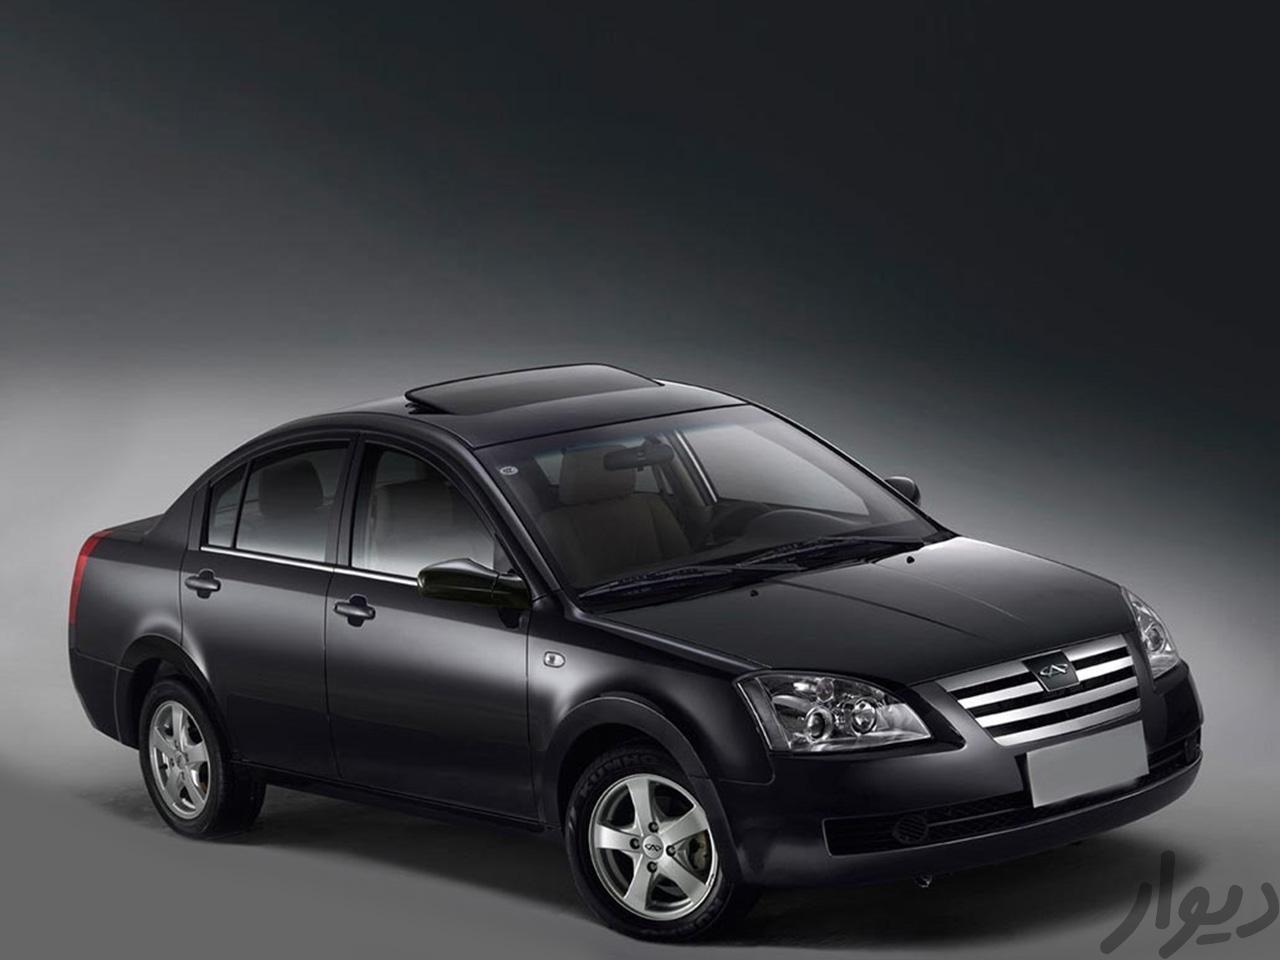 بررسی مشخصات فنی، نقد کارشناسی و قیمت روز خودرو امویام 530 - عکس شماره دو